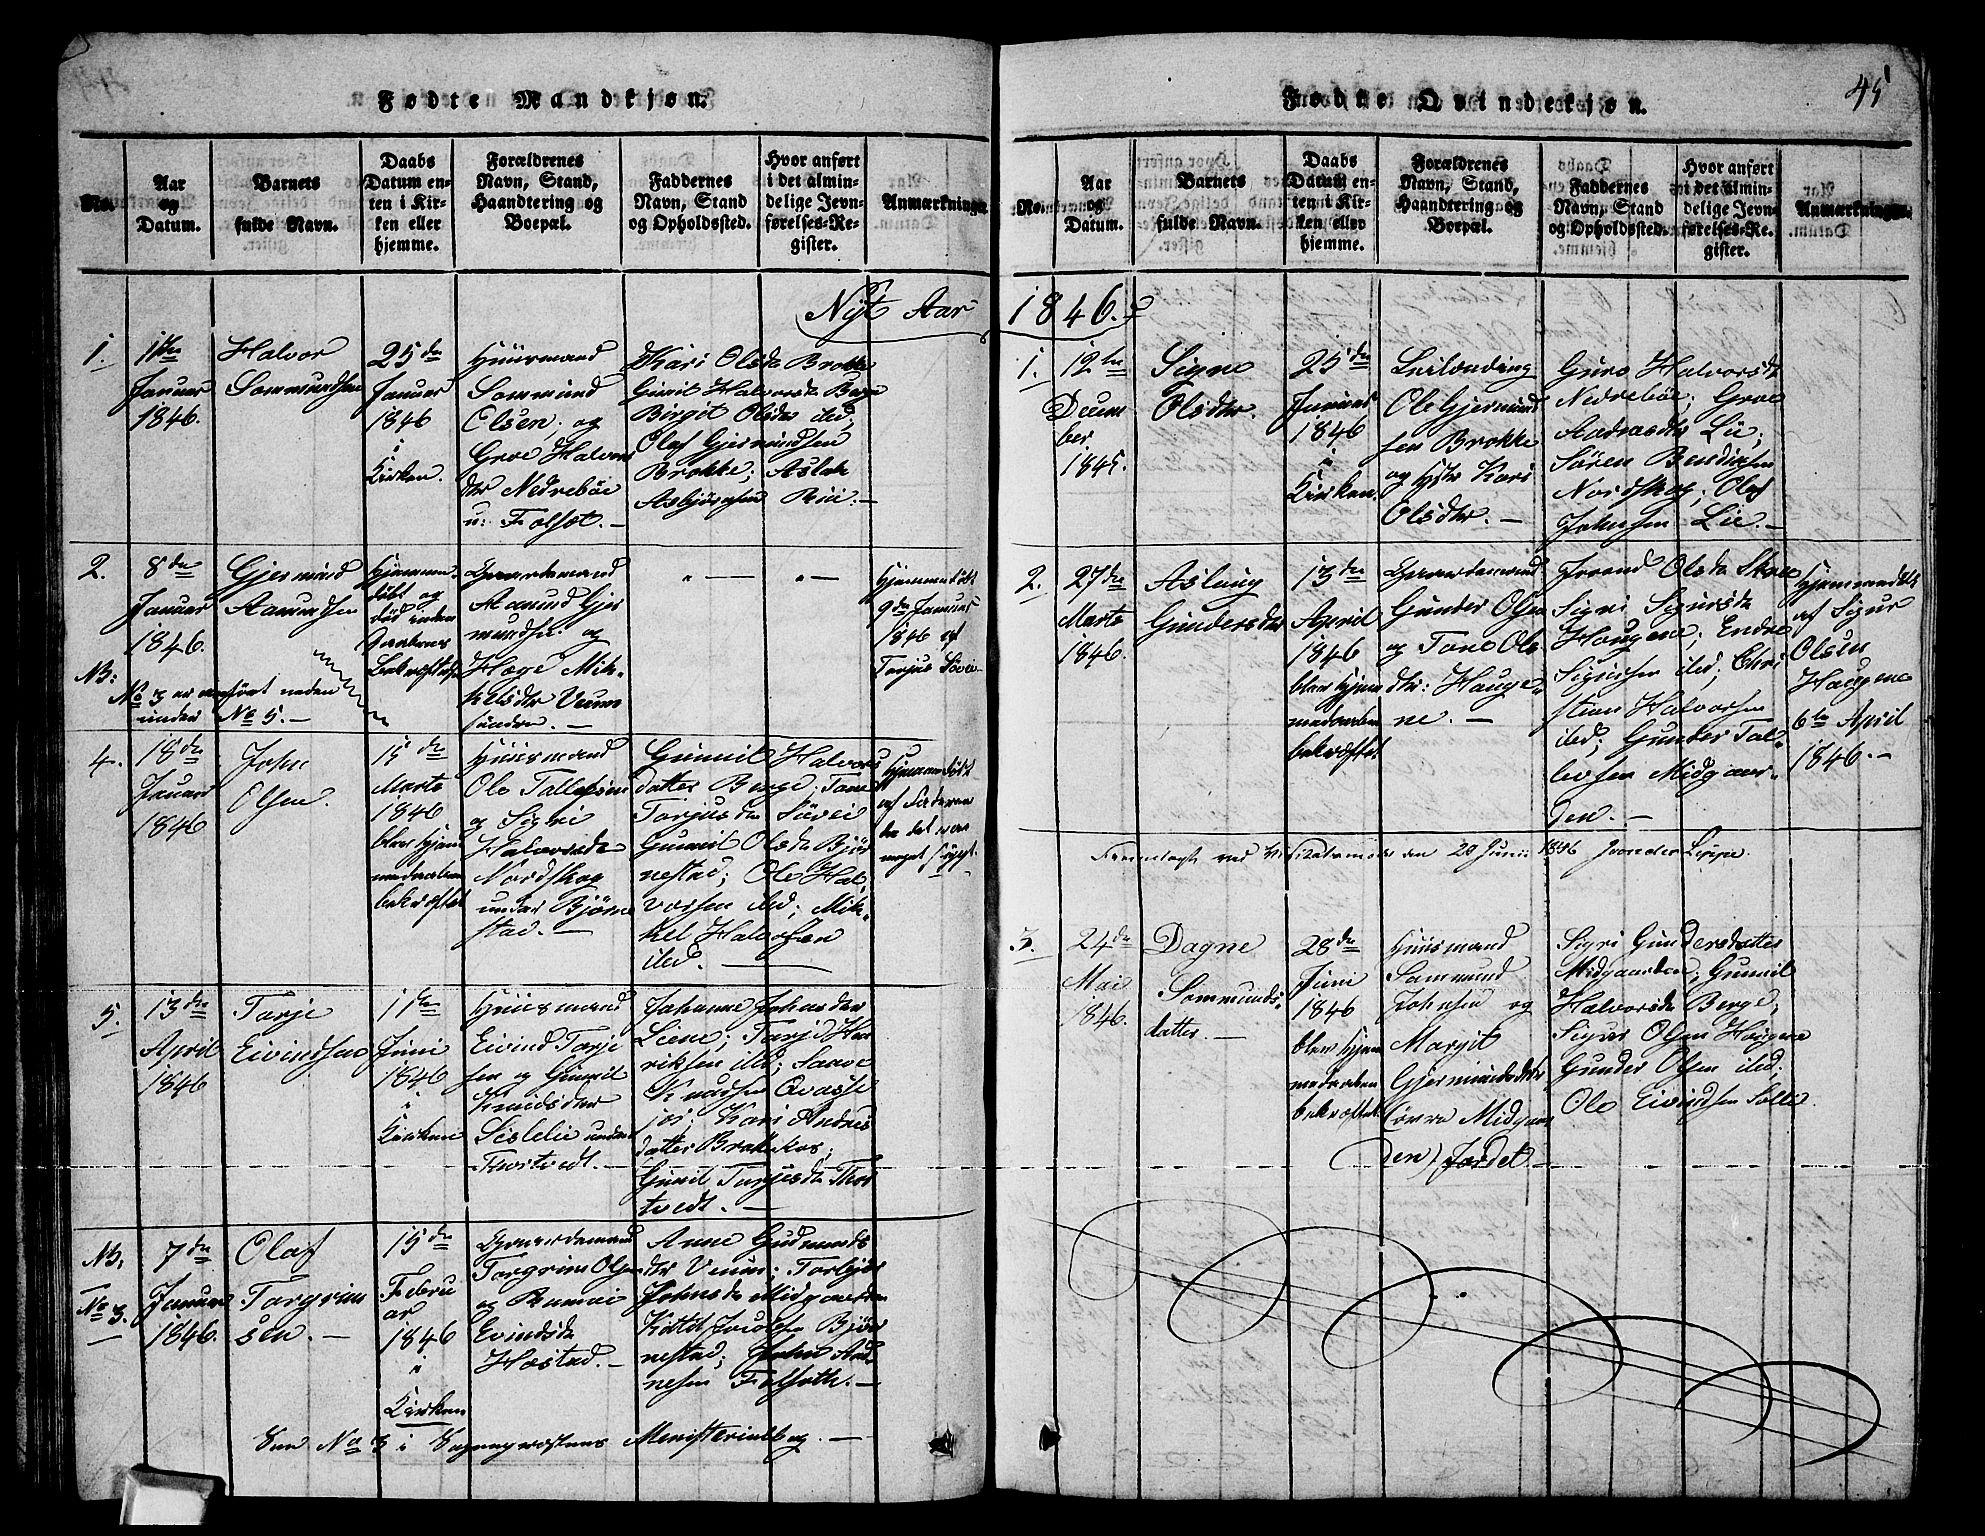 SAKO, Fyresdal kirkebøker, G/Ga/L0003: Klokkerbok nr. I 3, 1815-1863, s. 45